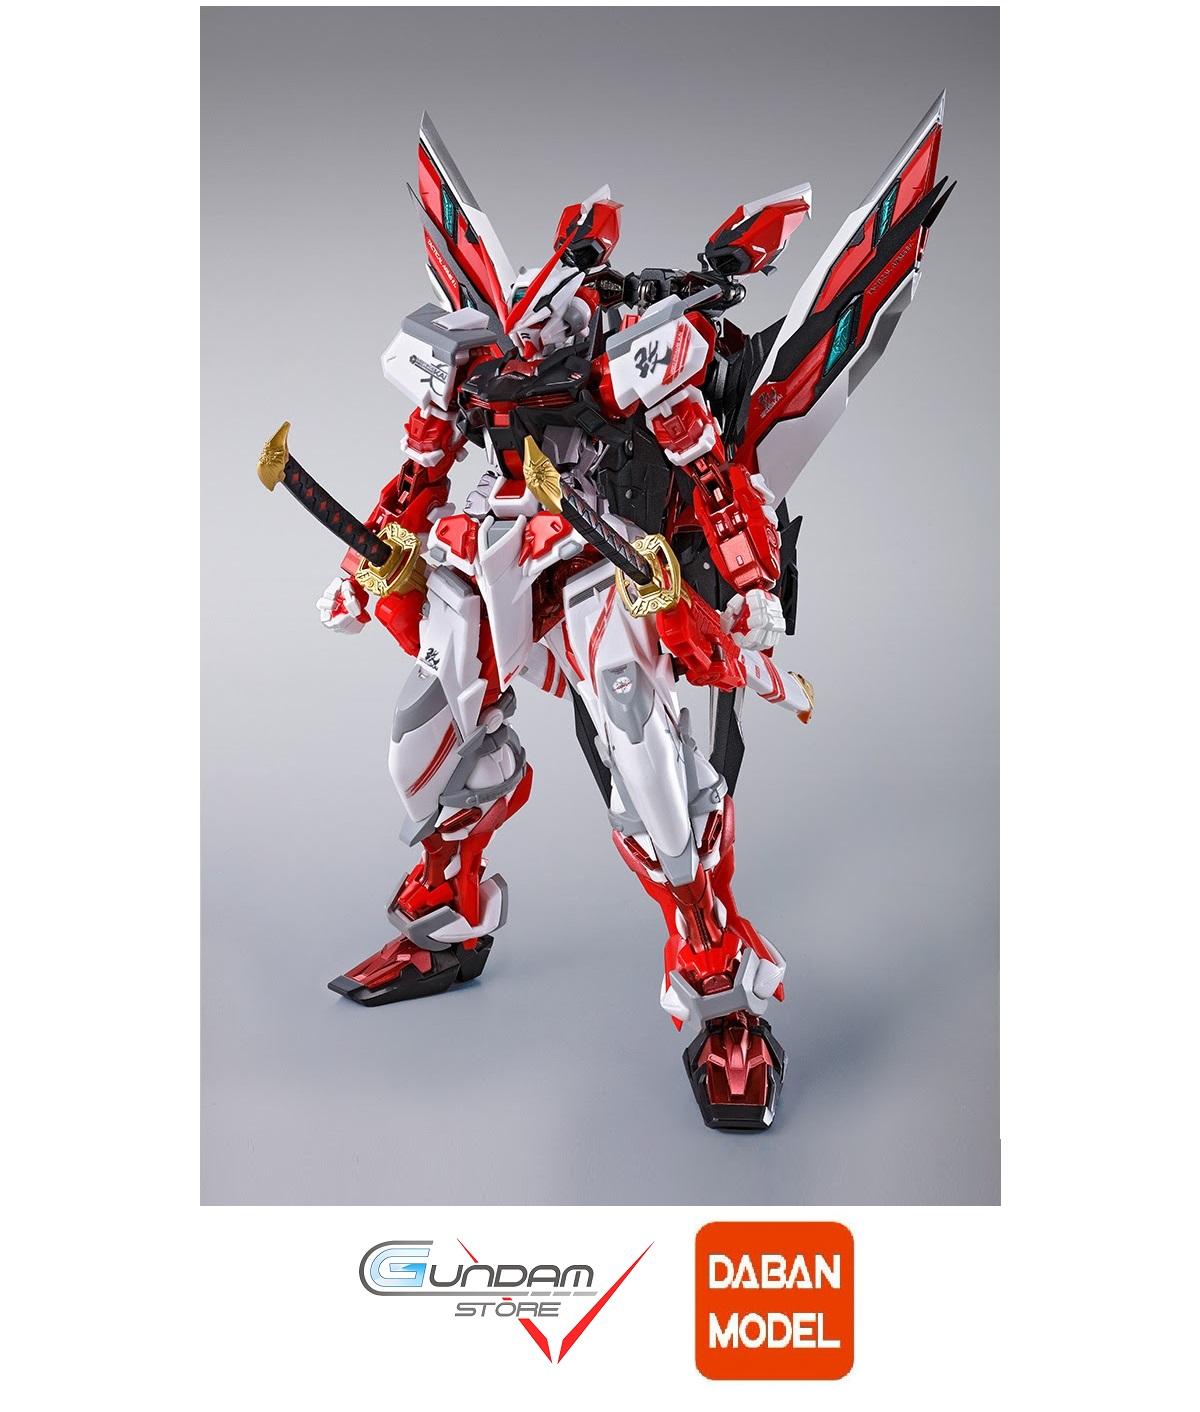 Gundam Daban MG 8812 Astray Red Kai Metal Build Form Mô Hình Nhựa Đồ Chơi Lắp Ráp Anime Tỷ Lệ 1/100